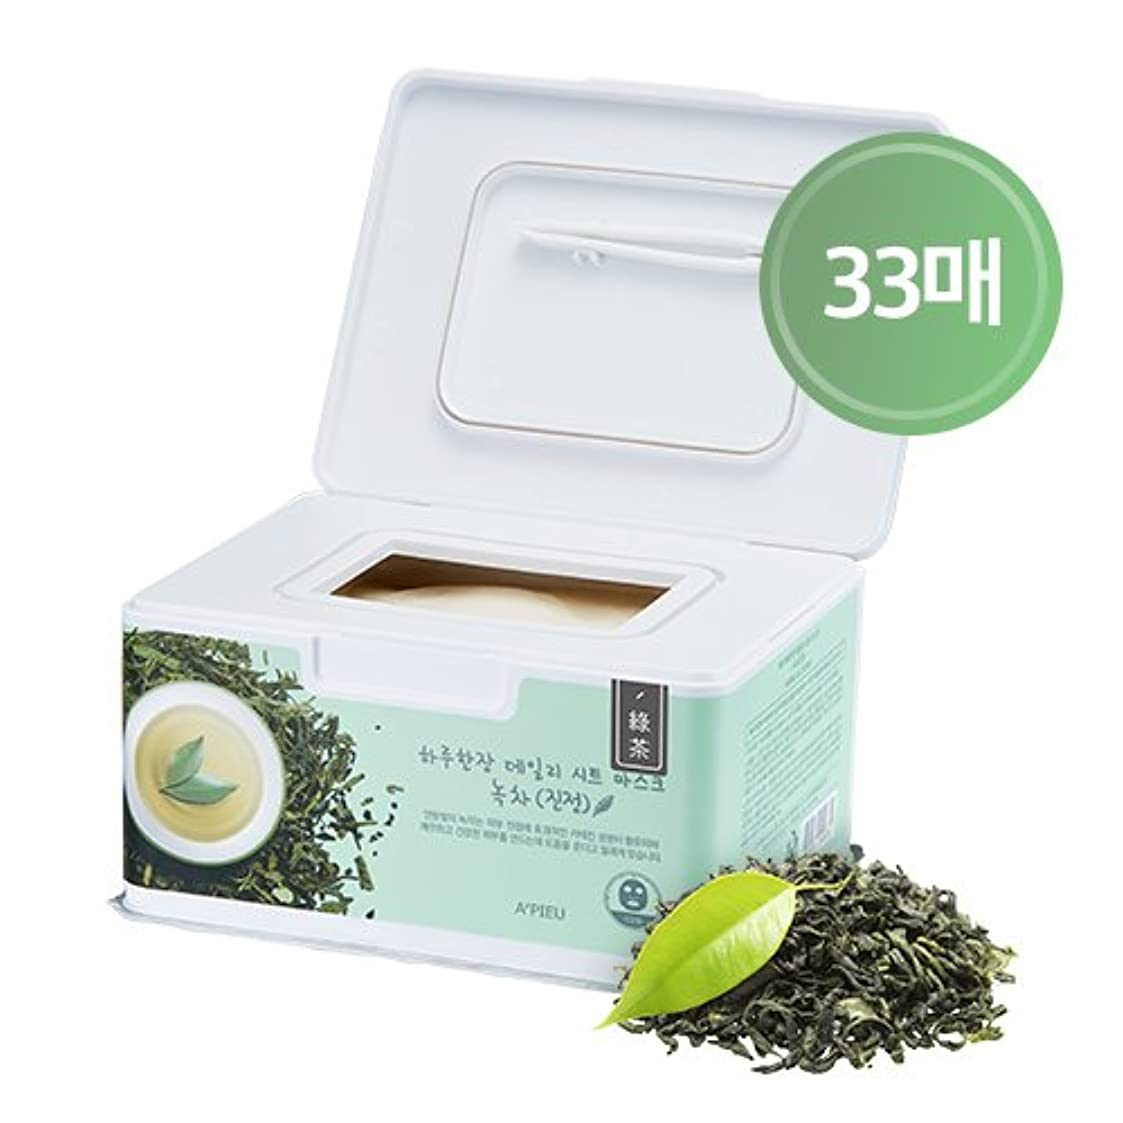 キャロライン熱帯の神学校APIEU DAILY Sheet Mask _ Green Tea (Soothing) / [オピュ/アピュ] デイリーシートマスク_緑茶 (スージング) [並行輸入品]